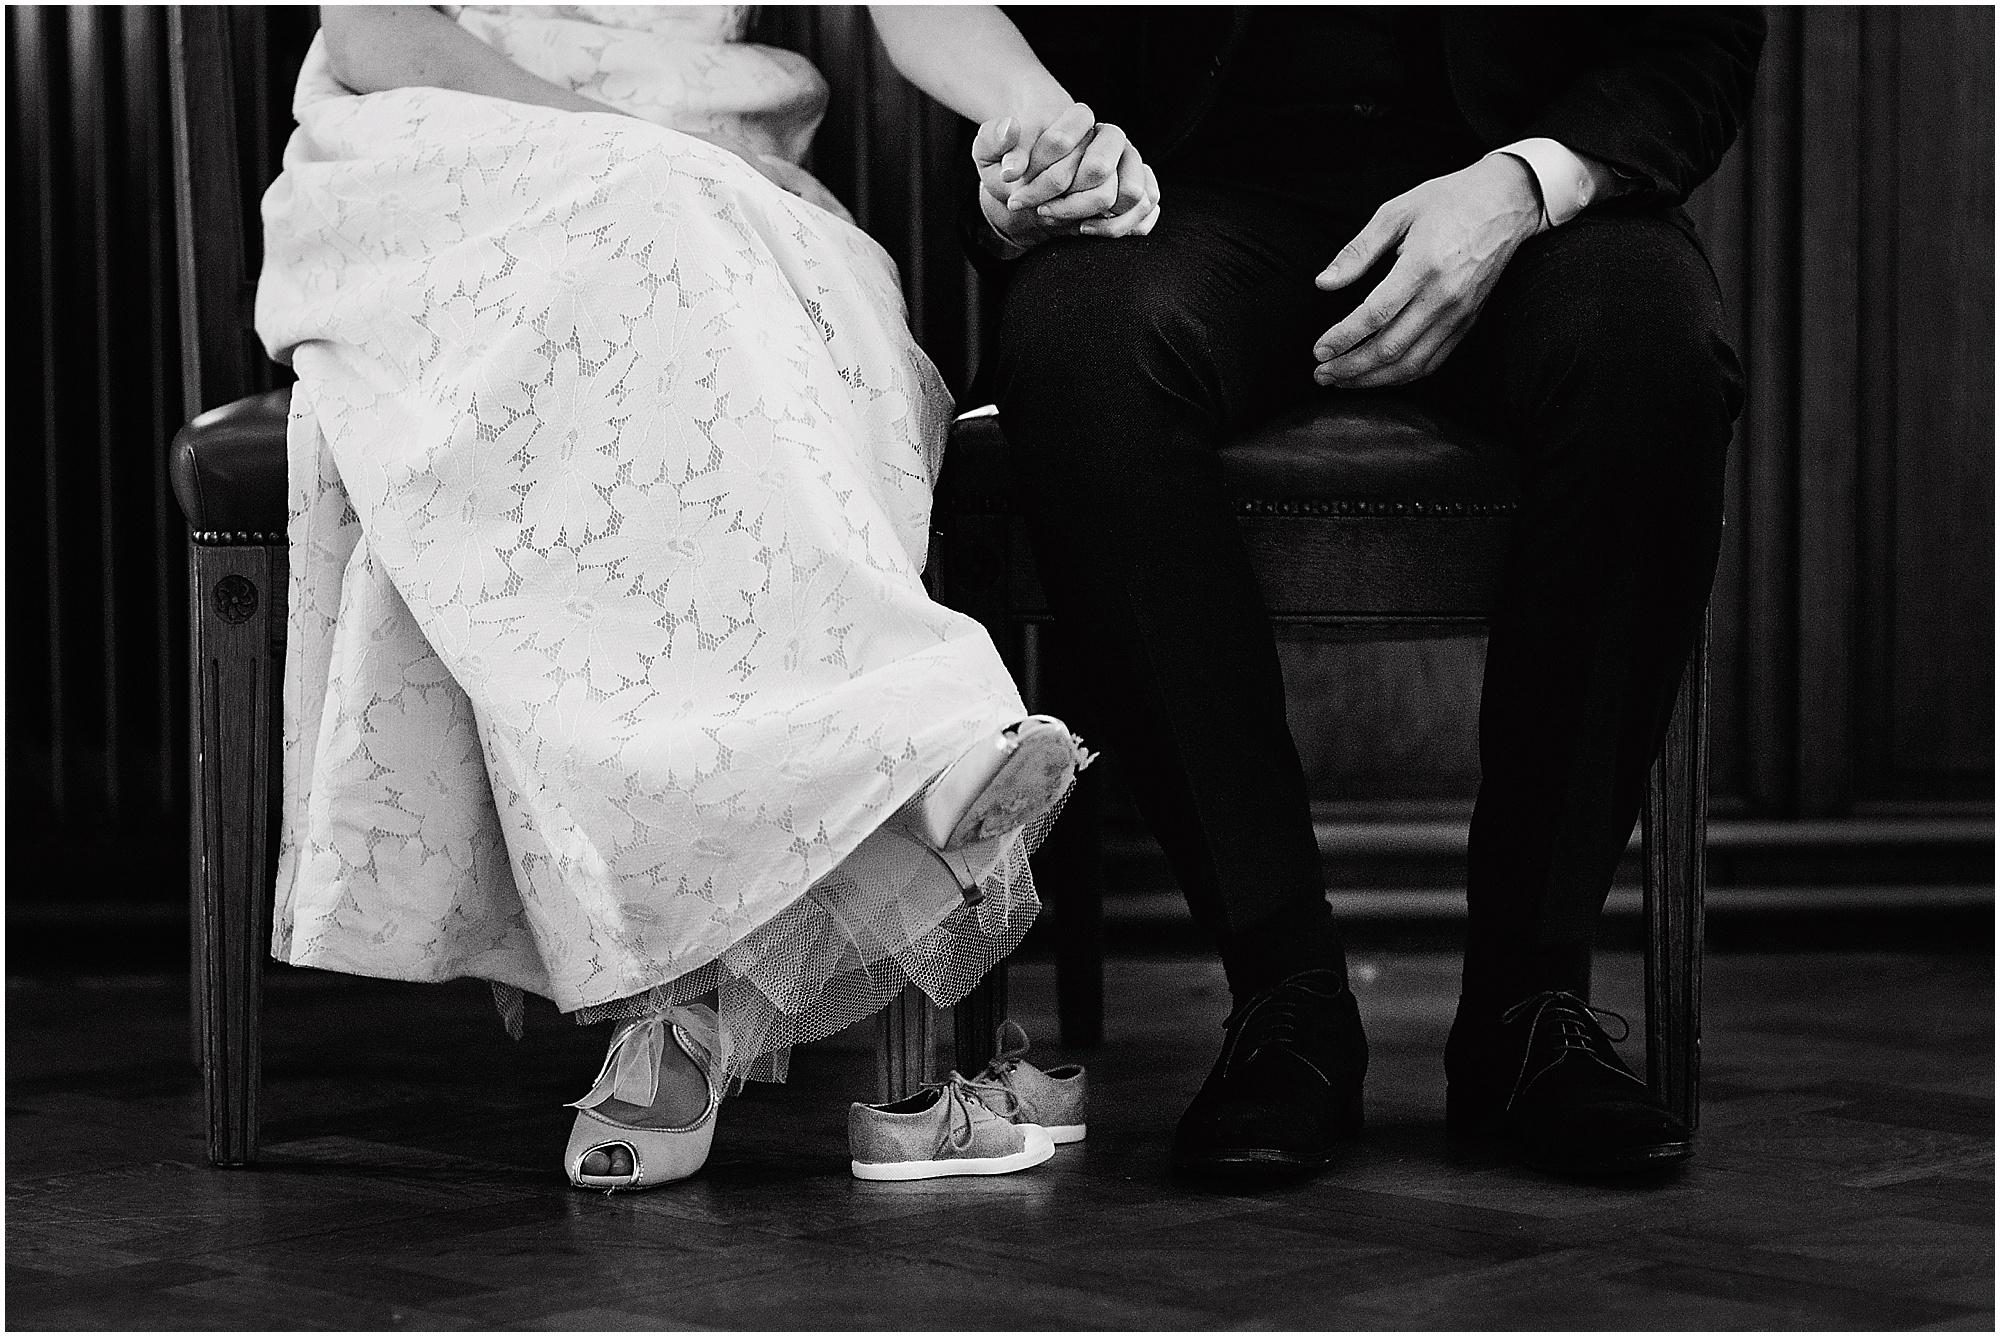 trouwfotograaf maastricht, trouwfotograaf limburg, bruidsfotograaf maastricht, bruidsfotograaf limburg, trouwen bonnefantenmuseum, bruiloft bonnefantenmuseum, trouwen ipanema, bruiloft ipanema, cafe ipanema maastricht, ipanema maastricht, bonnefanten maastricht, fotograaf limburg, fotograaf maastricht, trouwen stadhuis maastricht